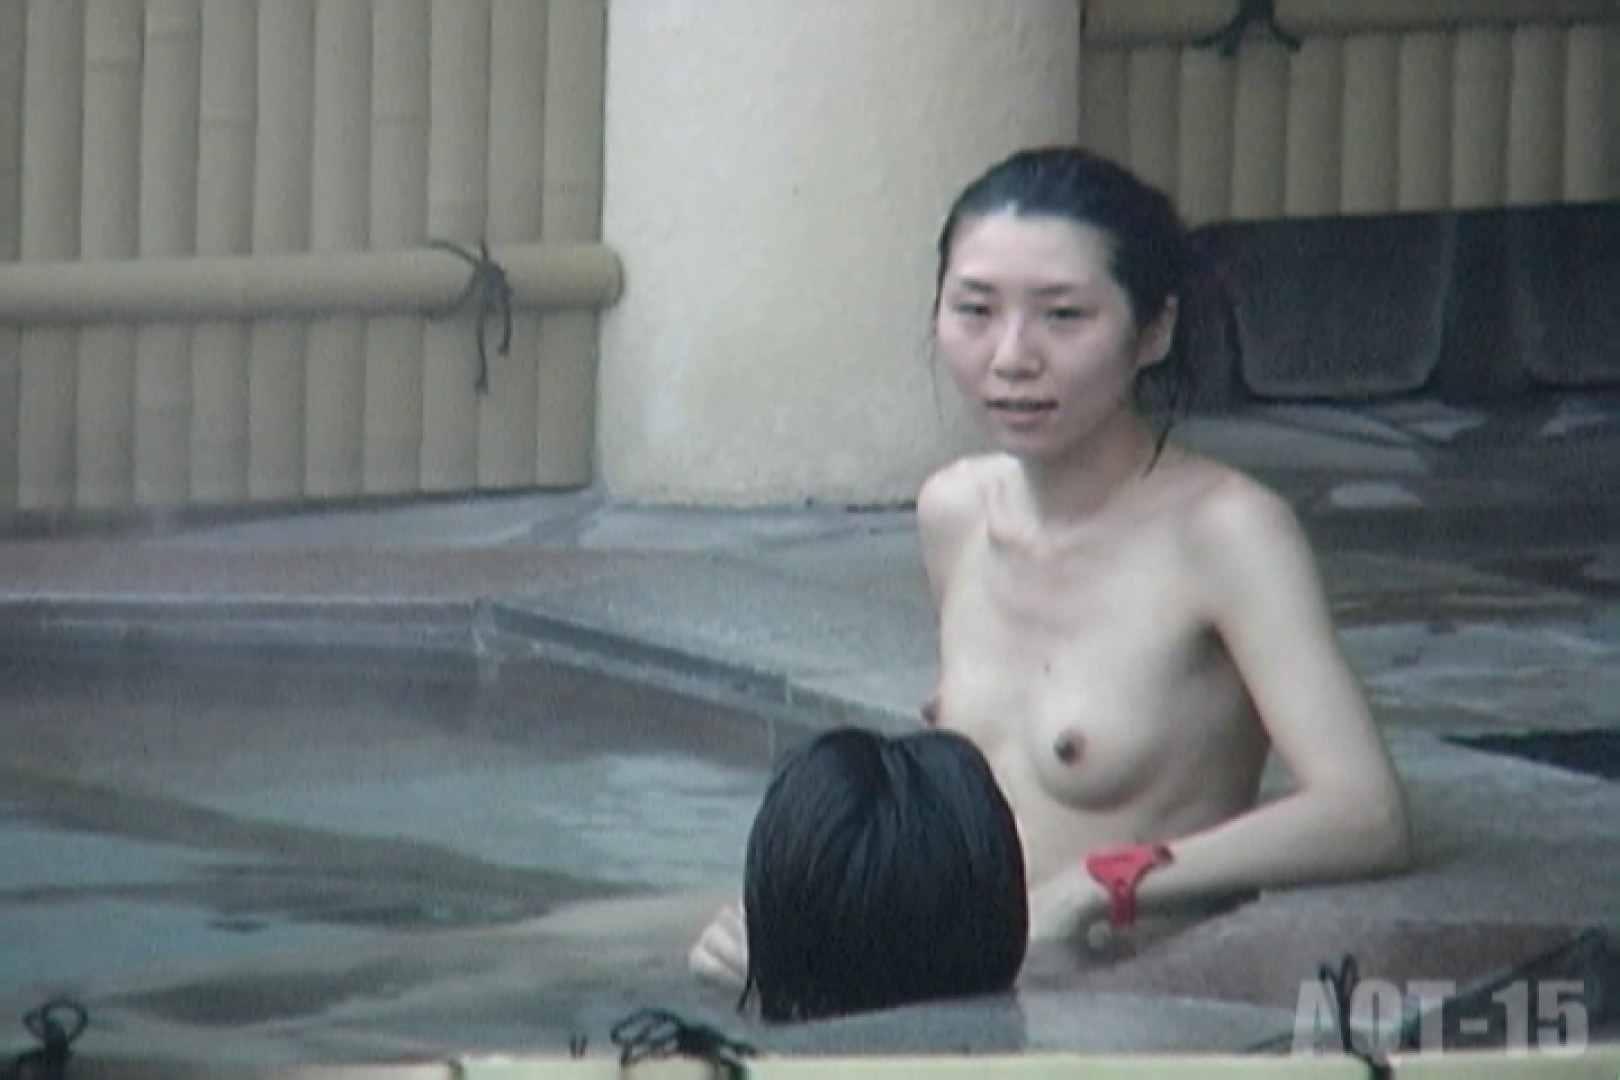 Aquaな露天風呂Vol.837 盗撮シリーズ  106PIX 32